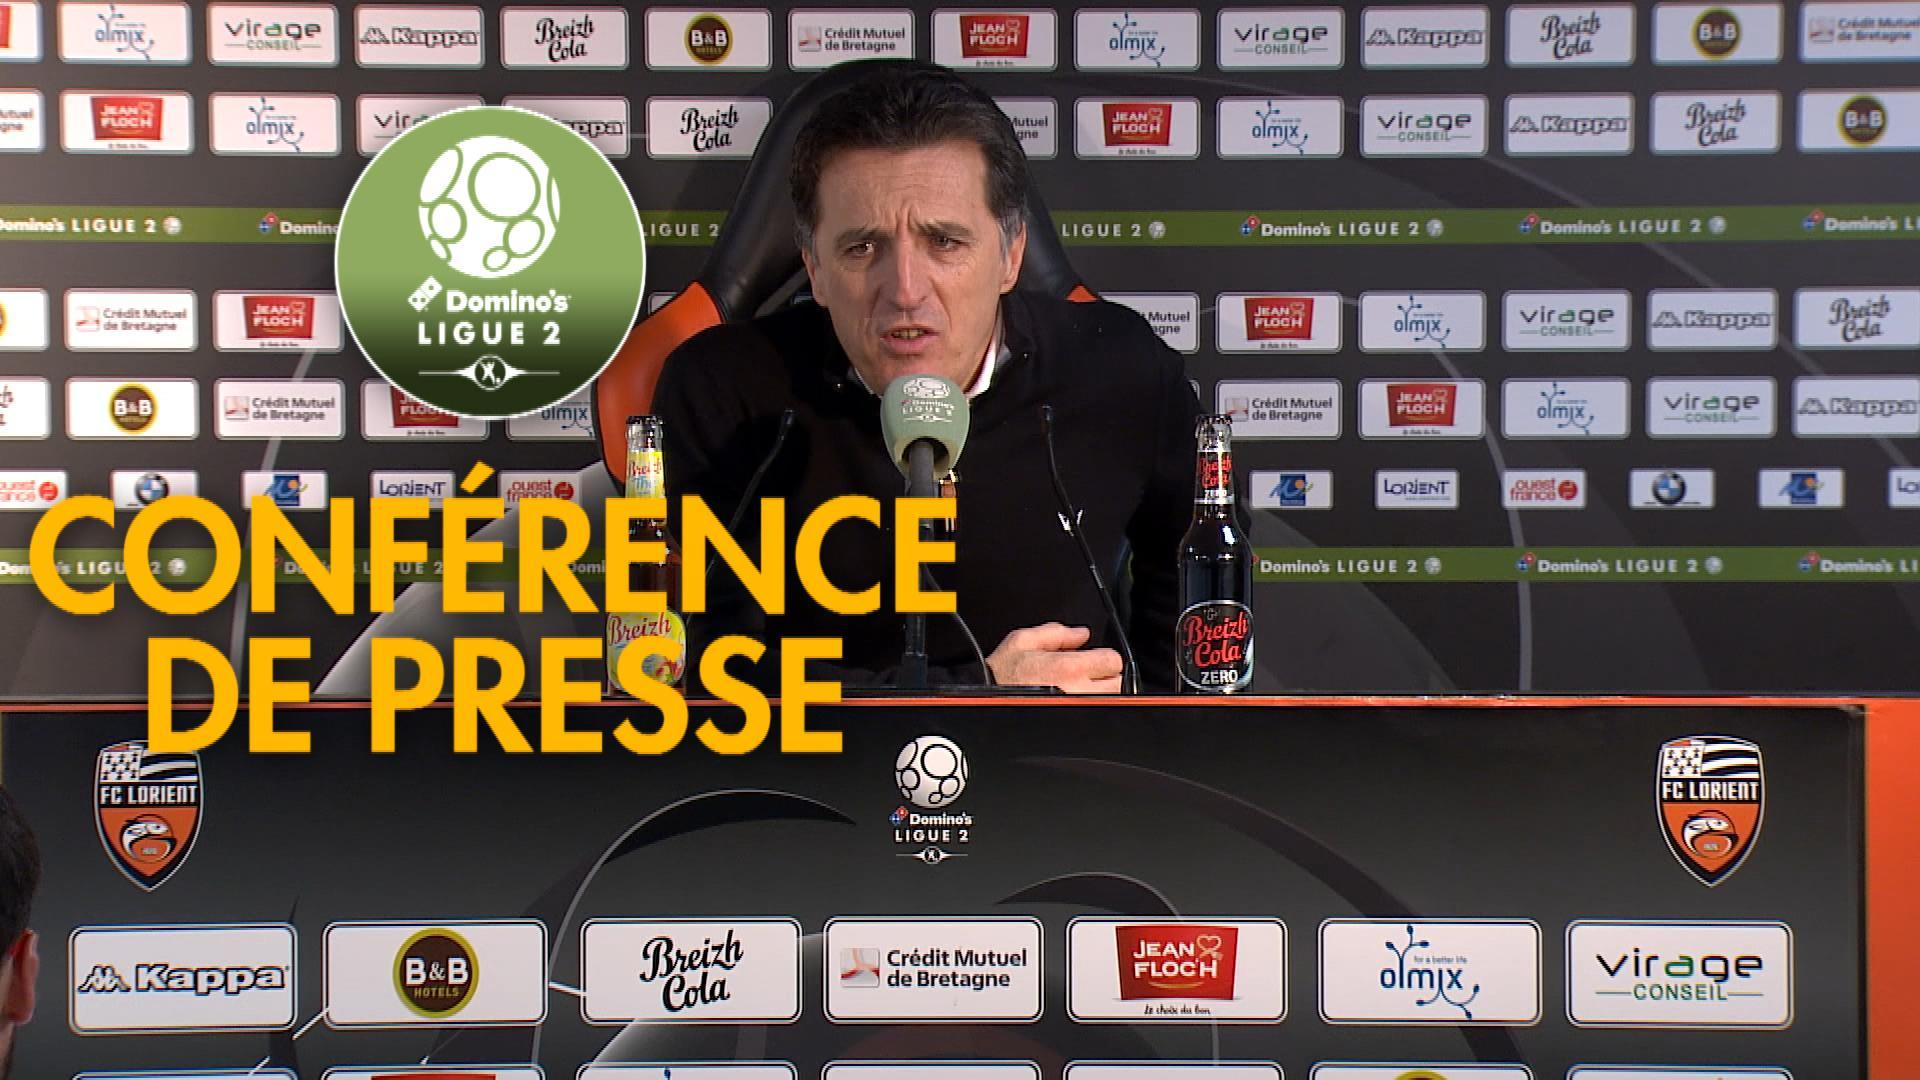 Conférence de presse FC Lorient - SM Caen (2-1) : Christophe PELISSIER (FCL) - Pascal DUPRAZ (SMC) - 2019/2020